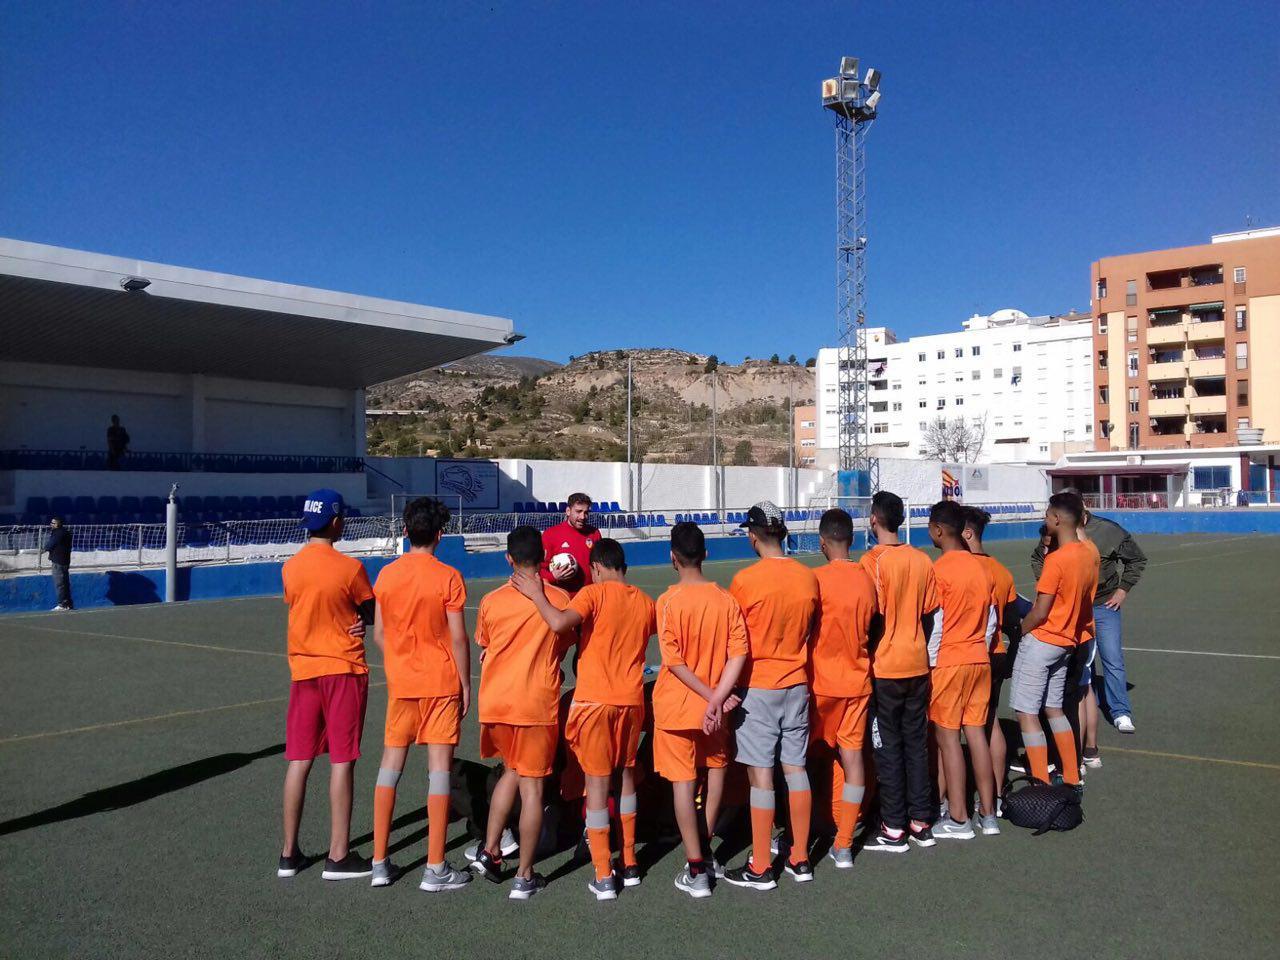 El Centro de Menores de Buñol y la Fundación Valencia CF introducen el deporte en las rutinas diarias de estos jóvenes.